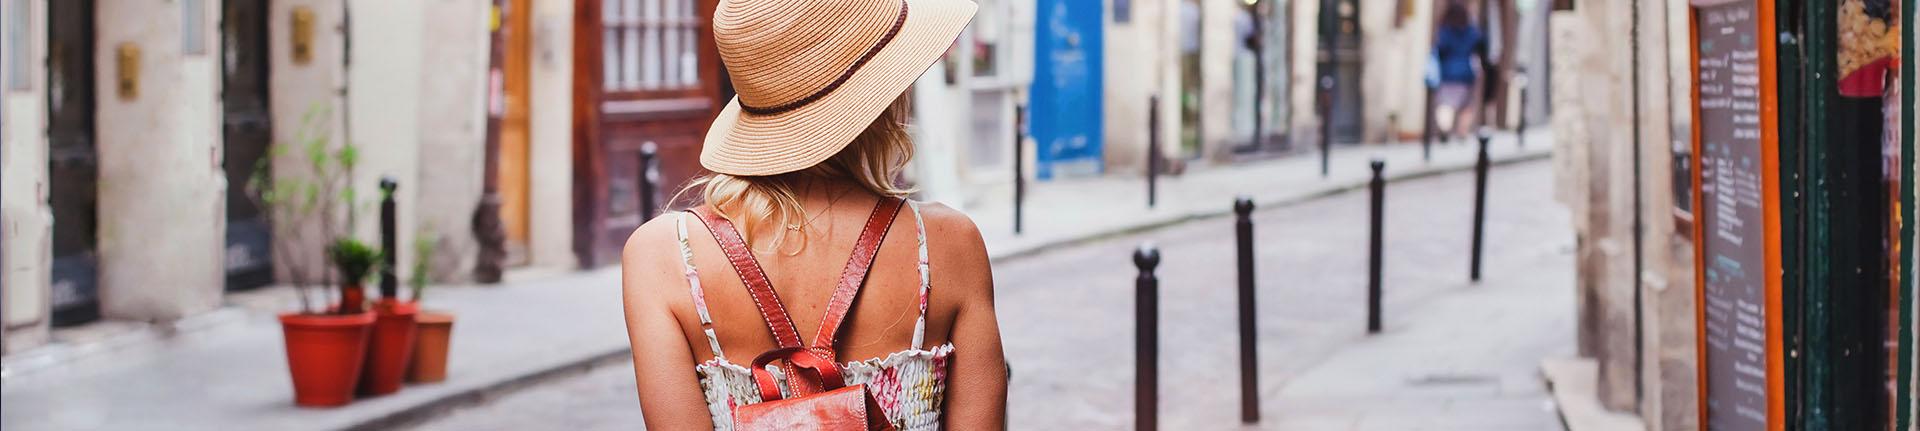 Cidades turísticas boas para se caminhar